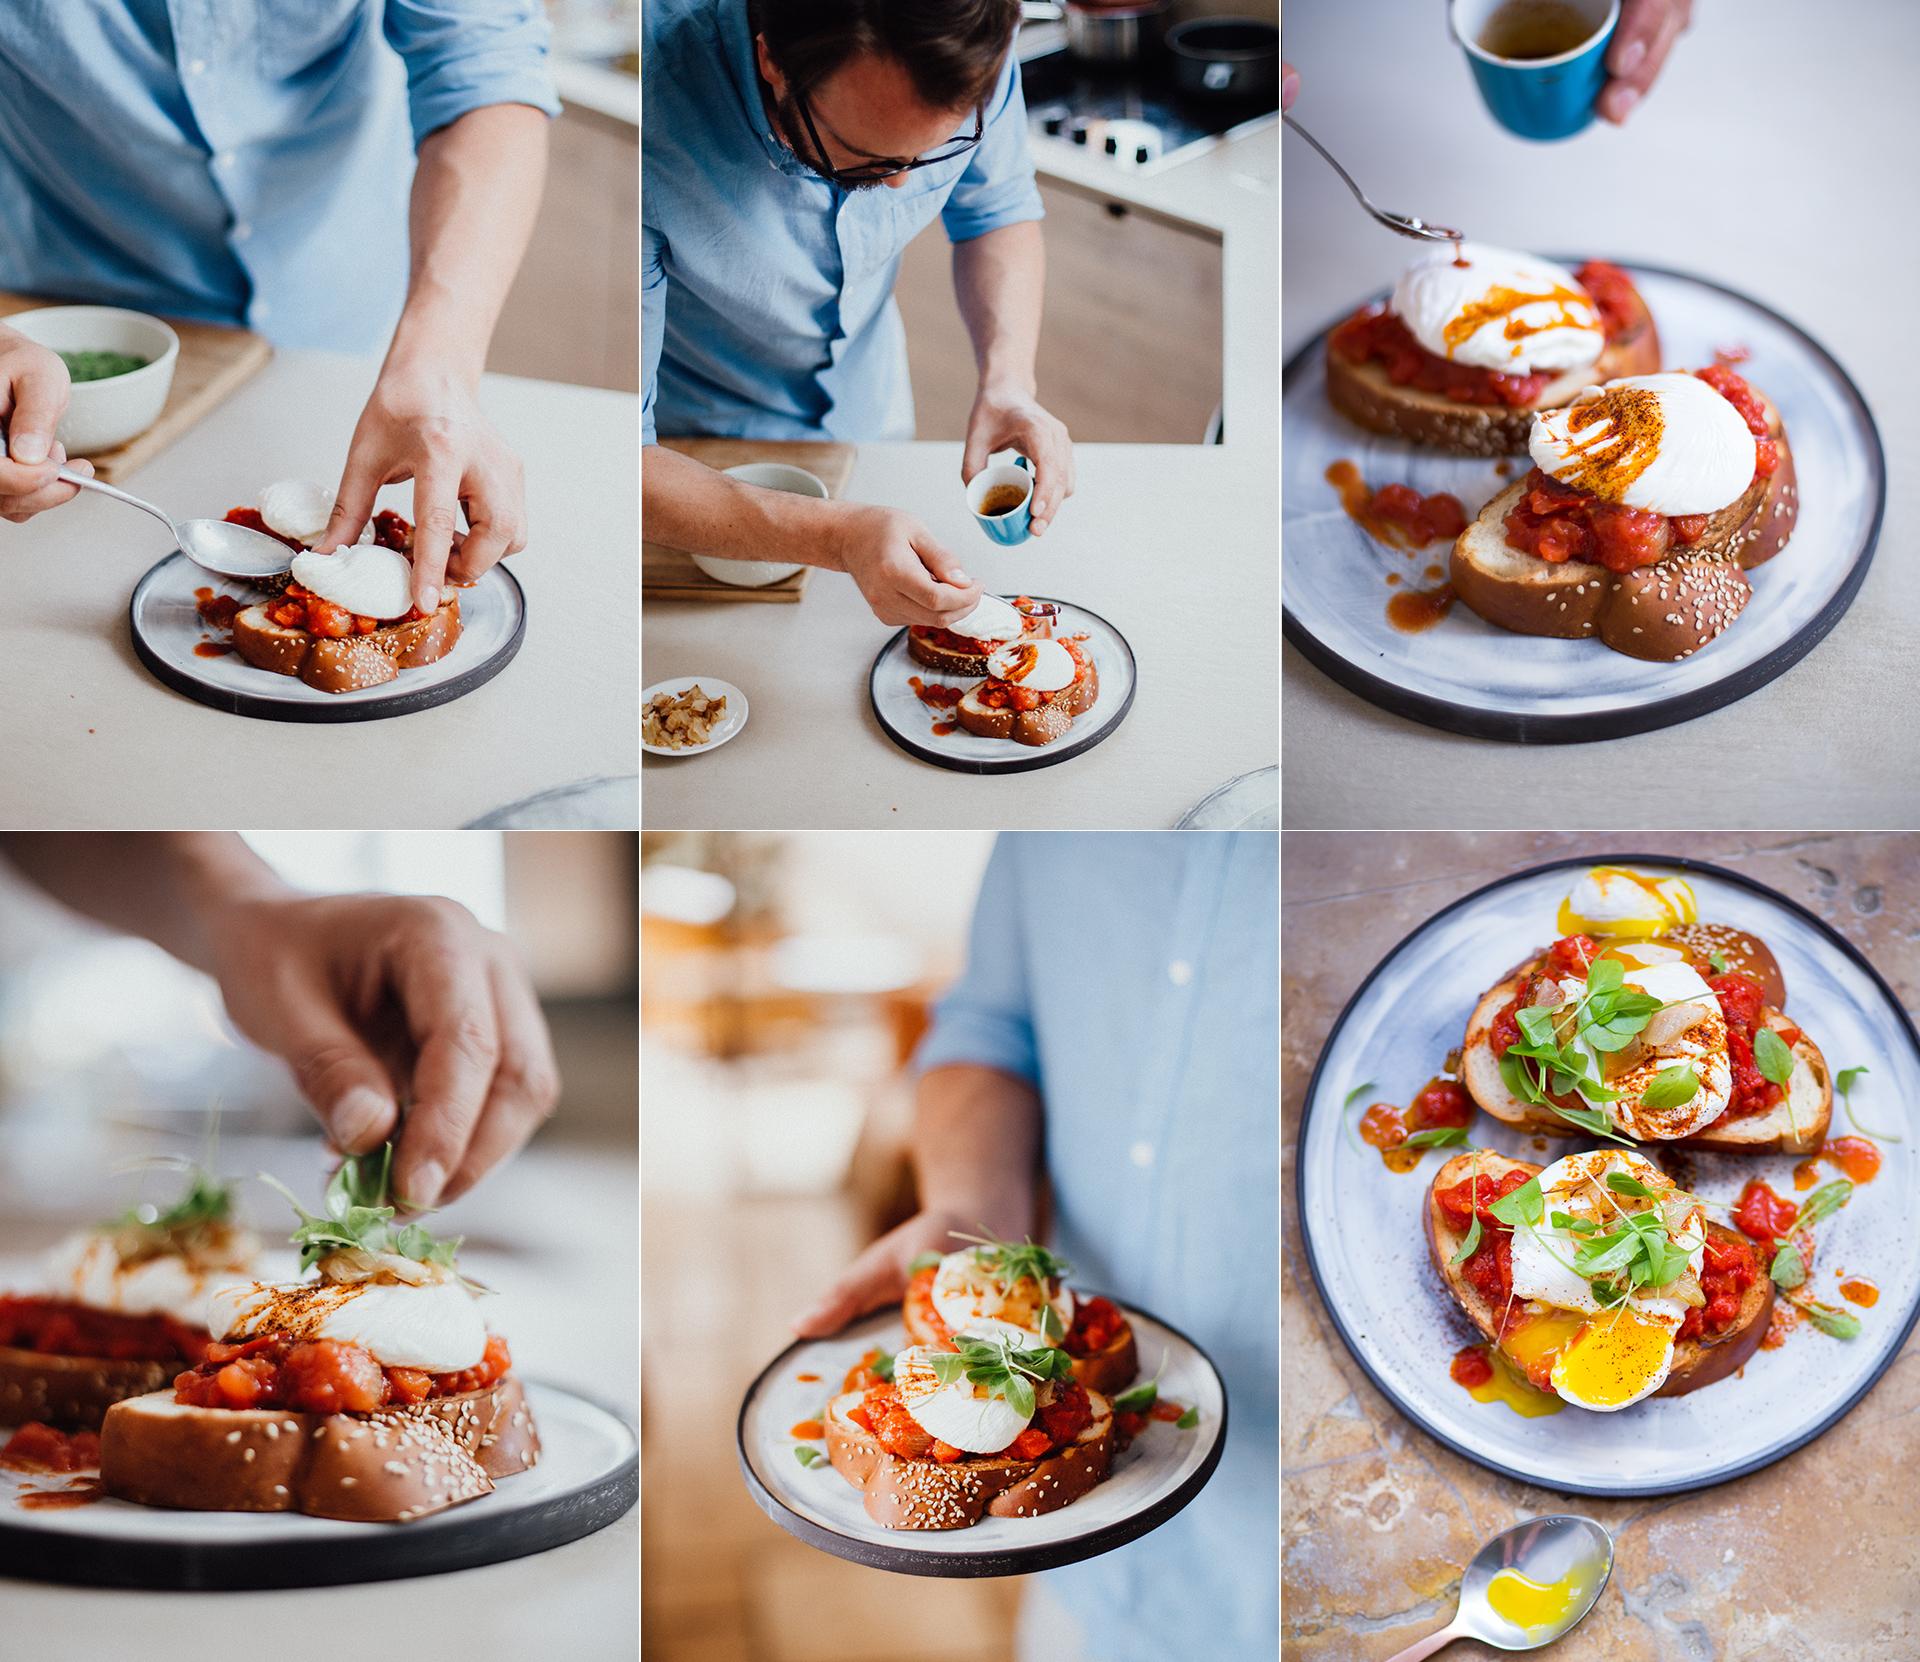 Foodstylist Michael Koch richtet juedisches Brot mit gekochten Tomaten, Salatblaettchen und  pochiertem Ei an. Reportagefotografie